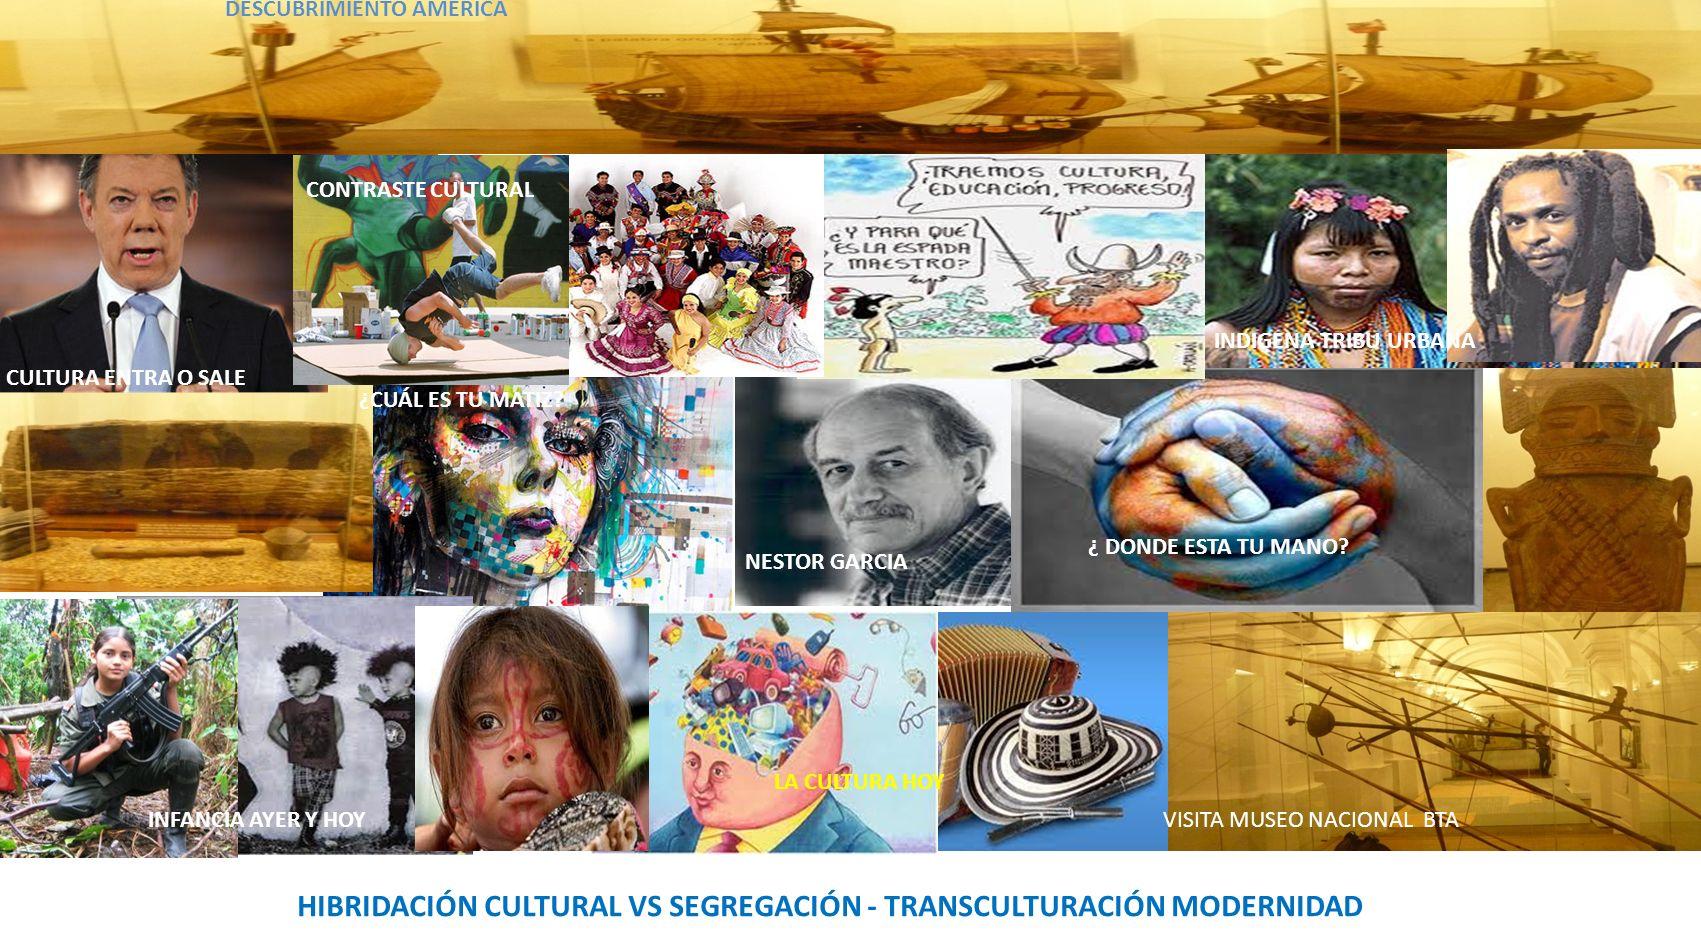 HIBRIDACIÓN CULTURAL VS SEGREGACIÓN - TRANSCULTURACIÓN MODERNIDAD VISITA MUSEO NACIONAL BTAINFANCIA AYER Y HOY NESTOR GARCIA CULTURA ENTRA O SALE CONTRASTE CULTURAL DESCUBRIMIENTO AMERICA INDIGENA TRIBU URBANA ¿CUÁL ES TU MATIZ.